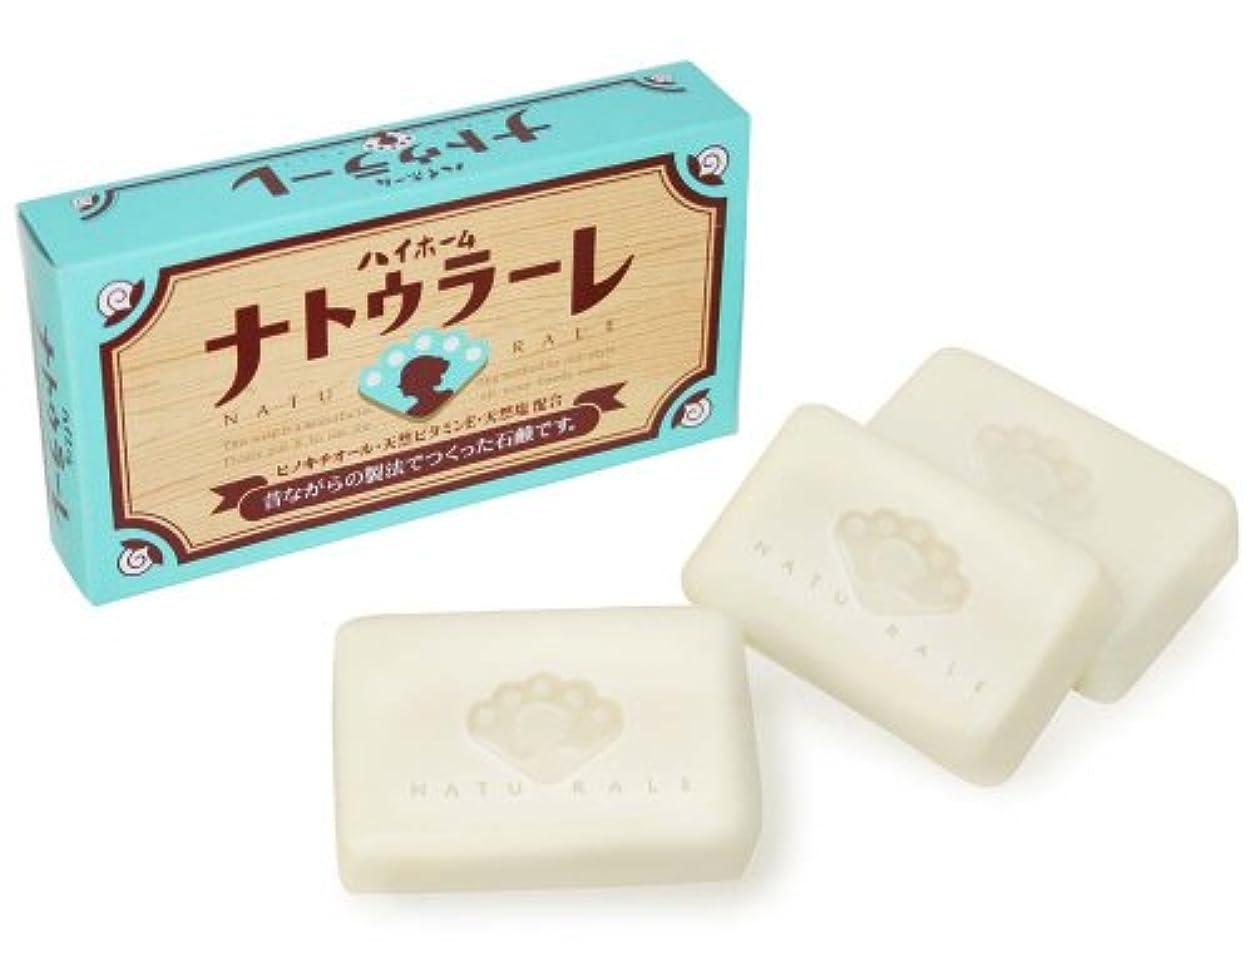 漂流霜全能昔ながらの製法で作られた化粧石鹸 ハイホーム ナトゥラーレ 3個入り (天然ビタミンE配合)